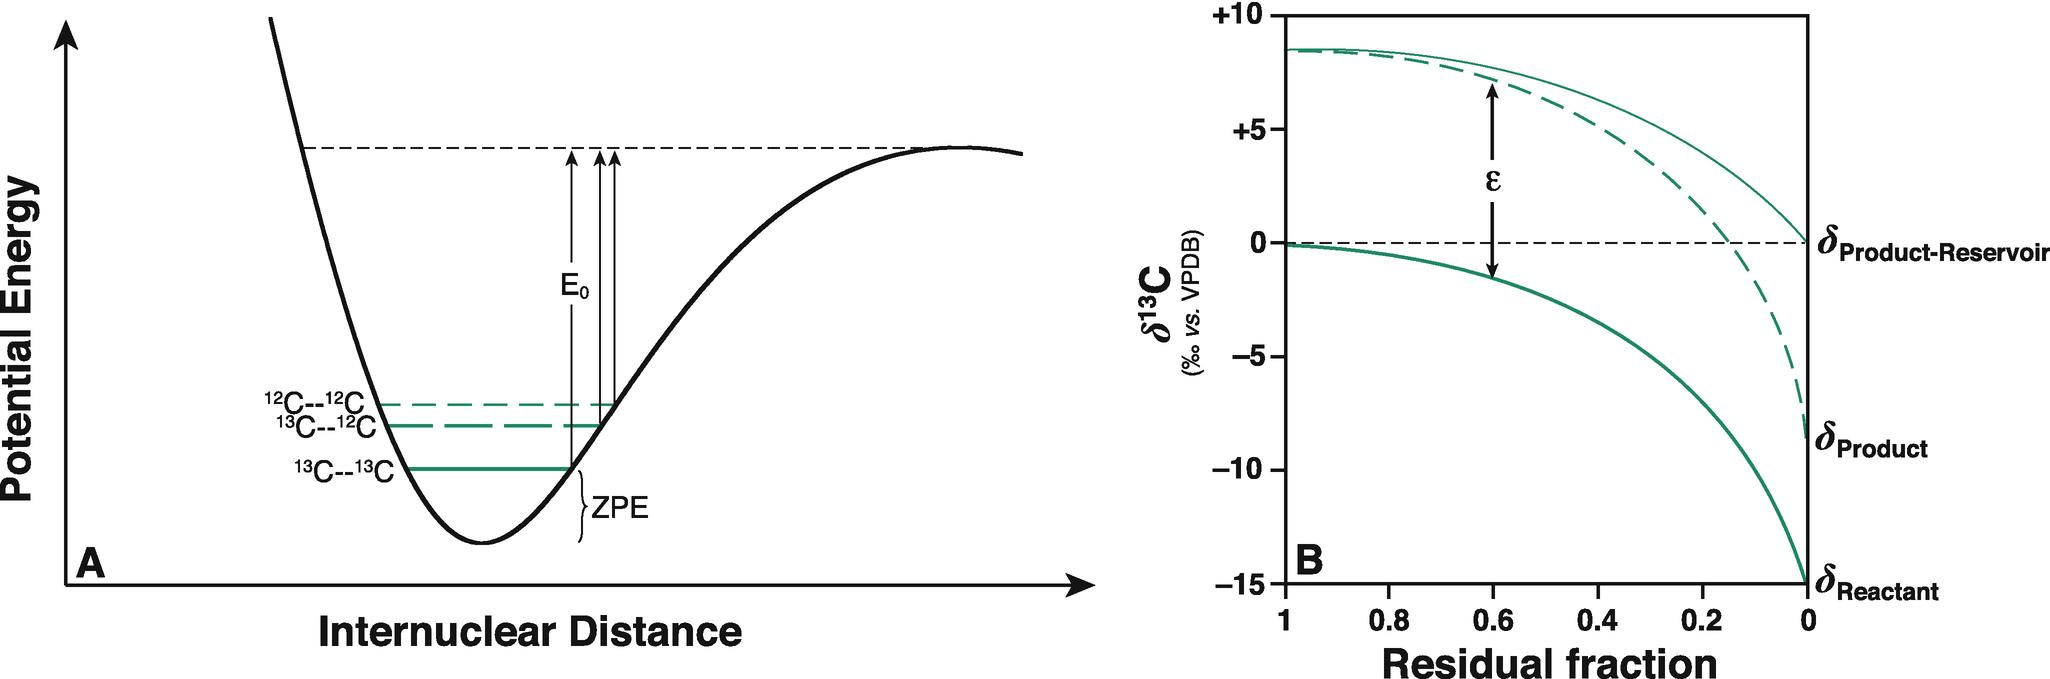 Carbon Isotopes | SpringerLink